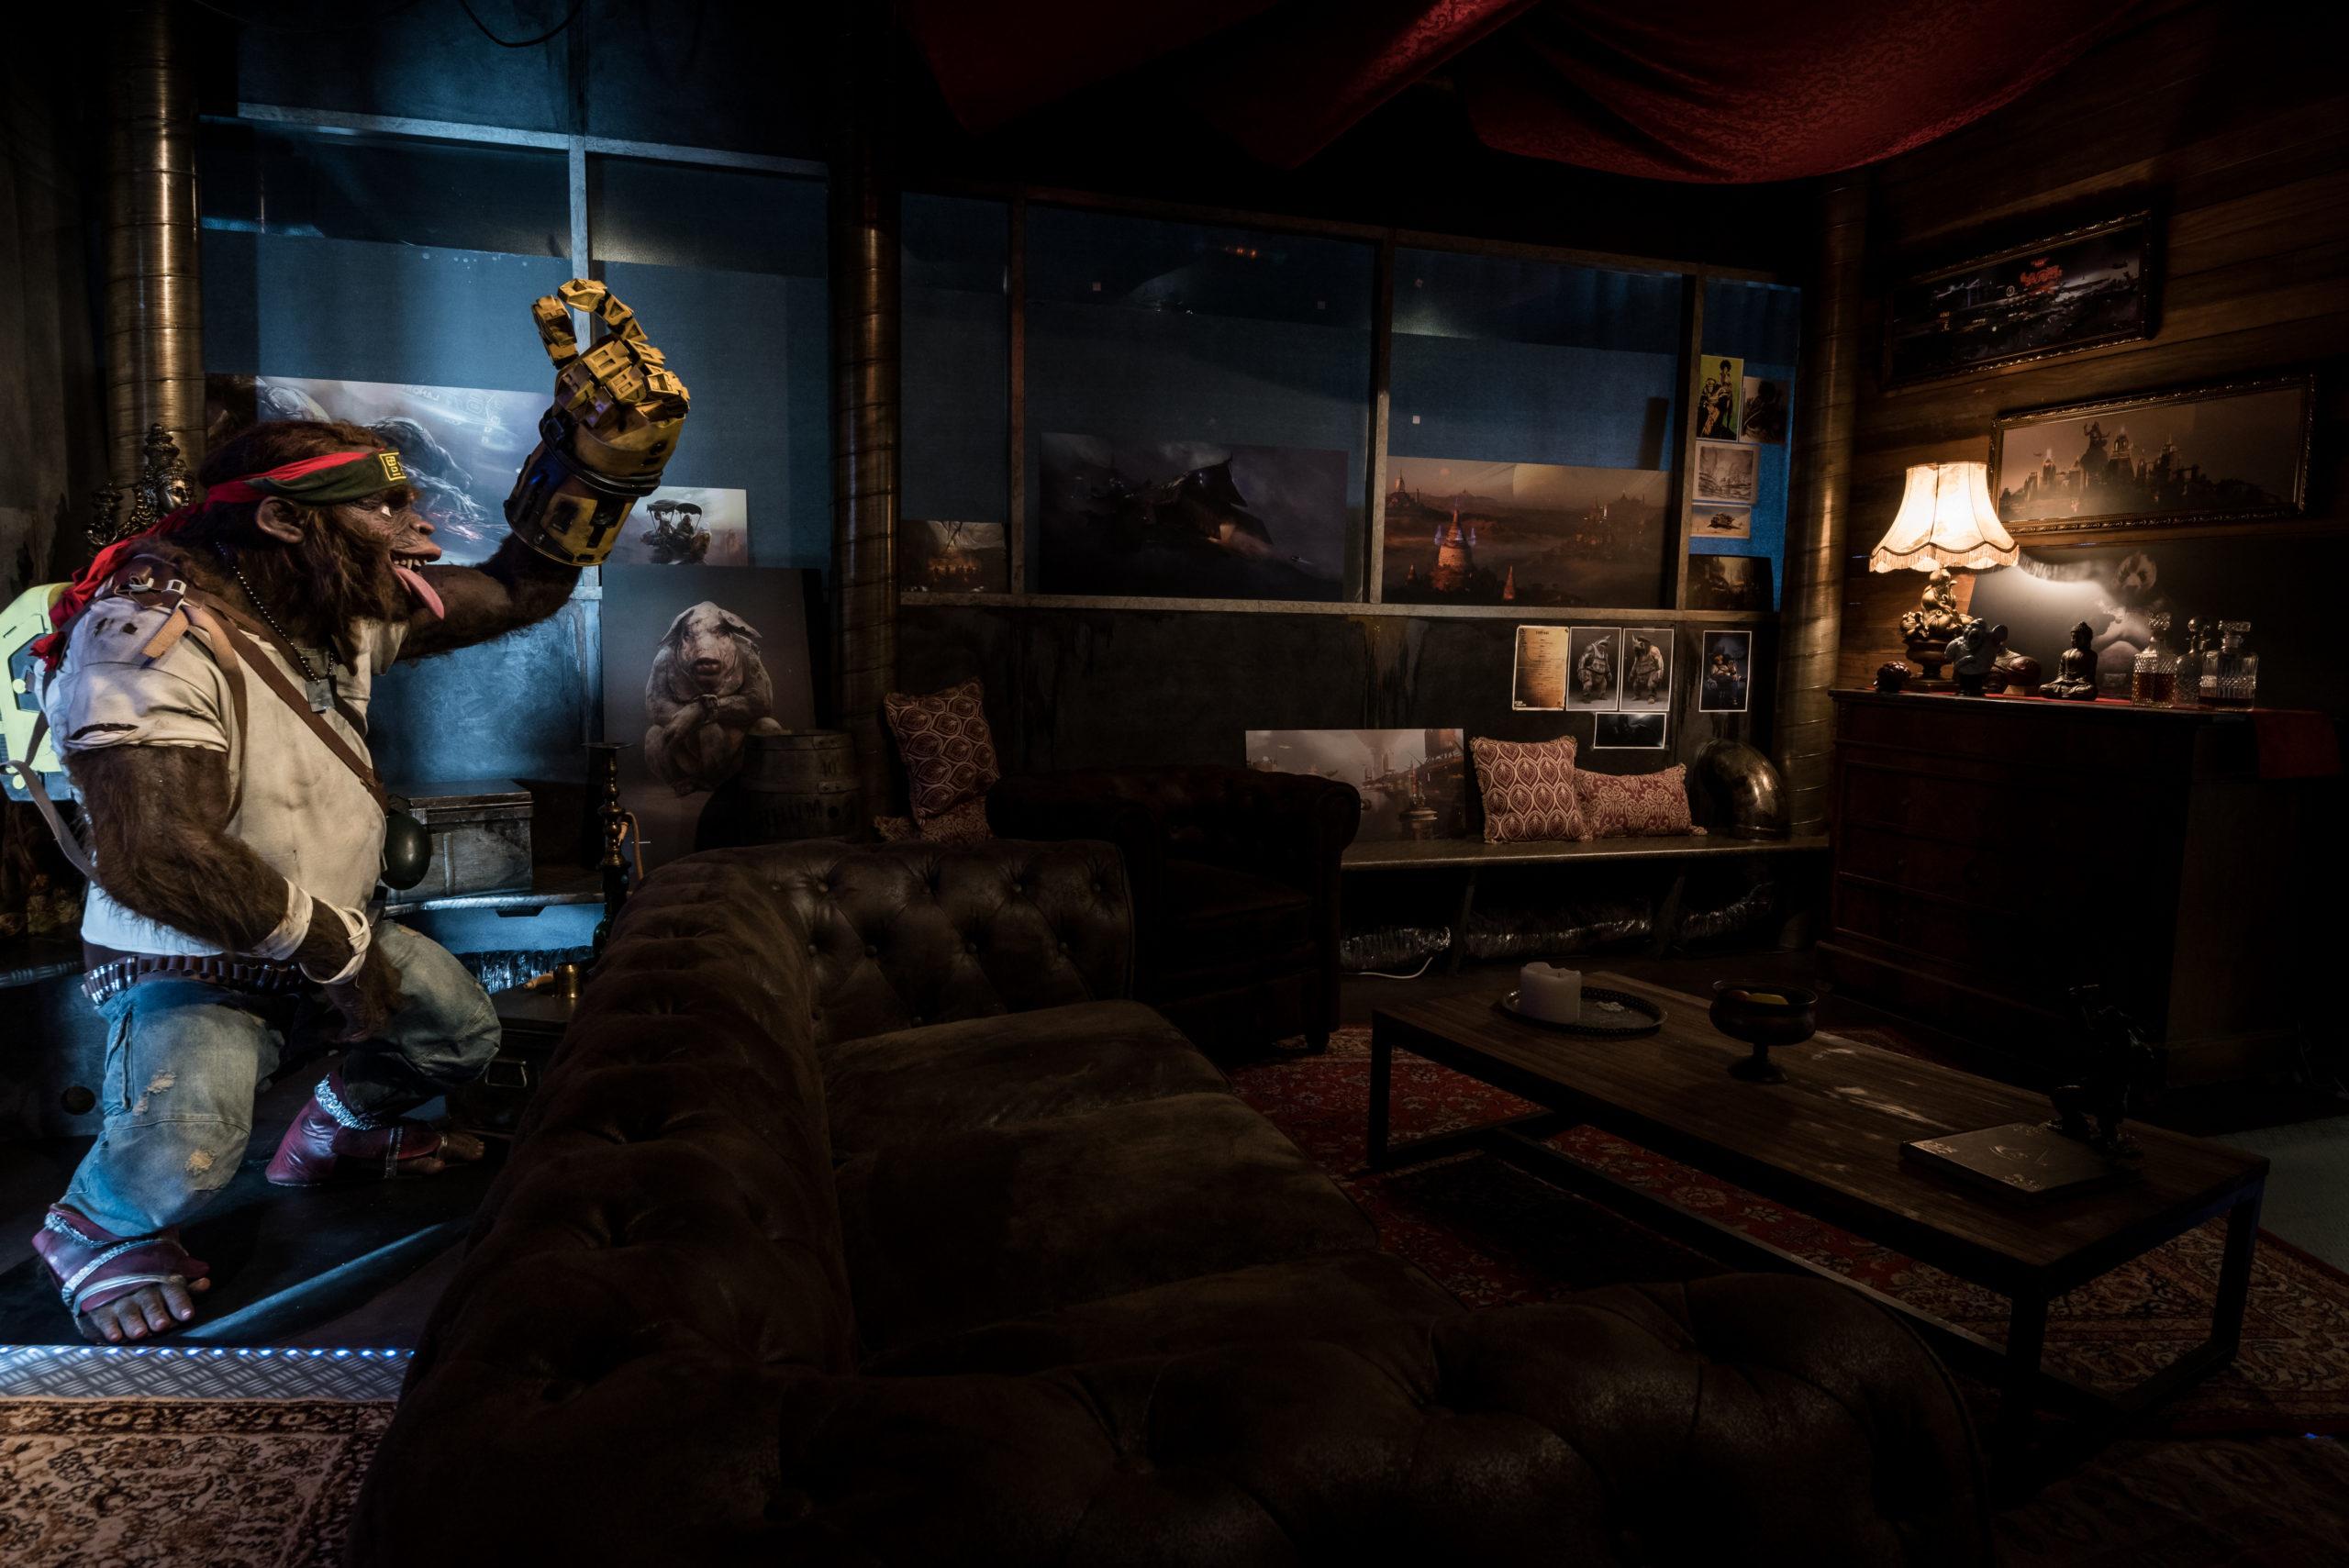 Photographie de la salle de réunion dont les décors sont inspirés d'un jeu vidéo